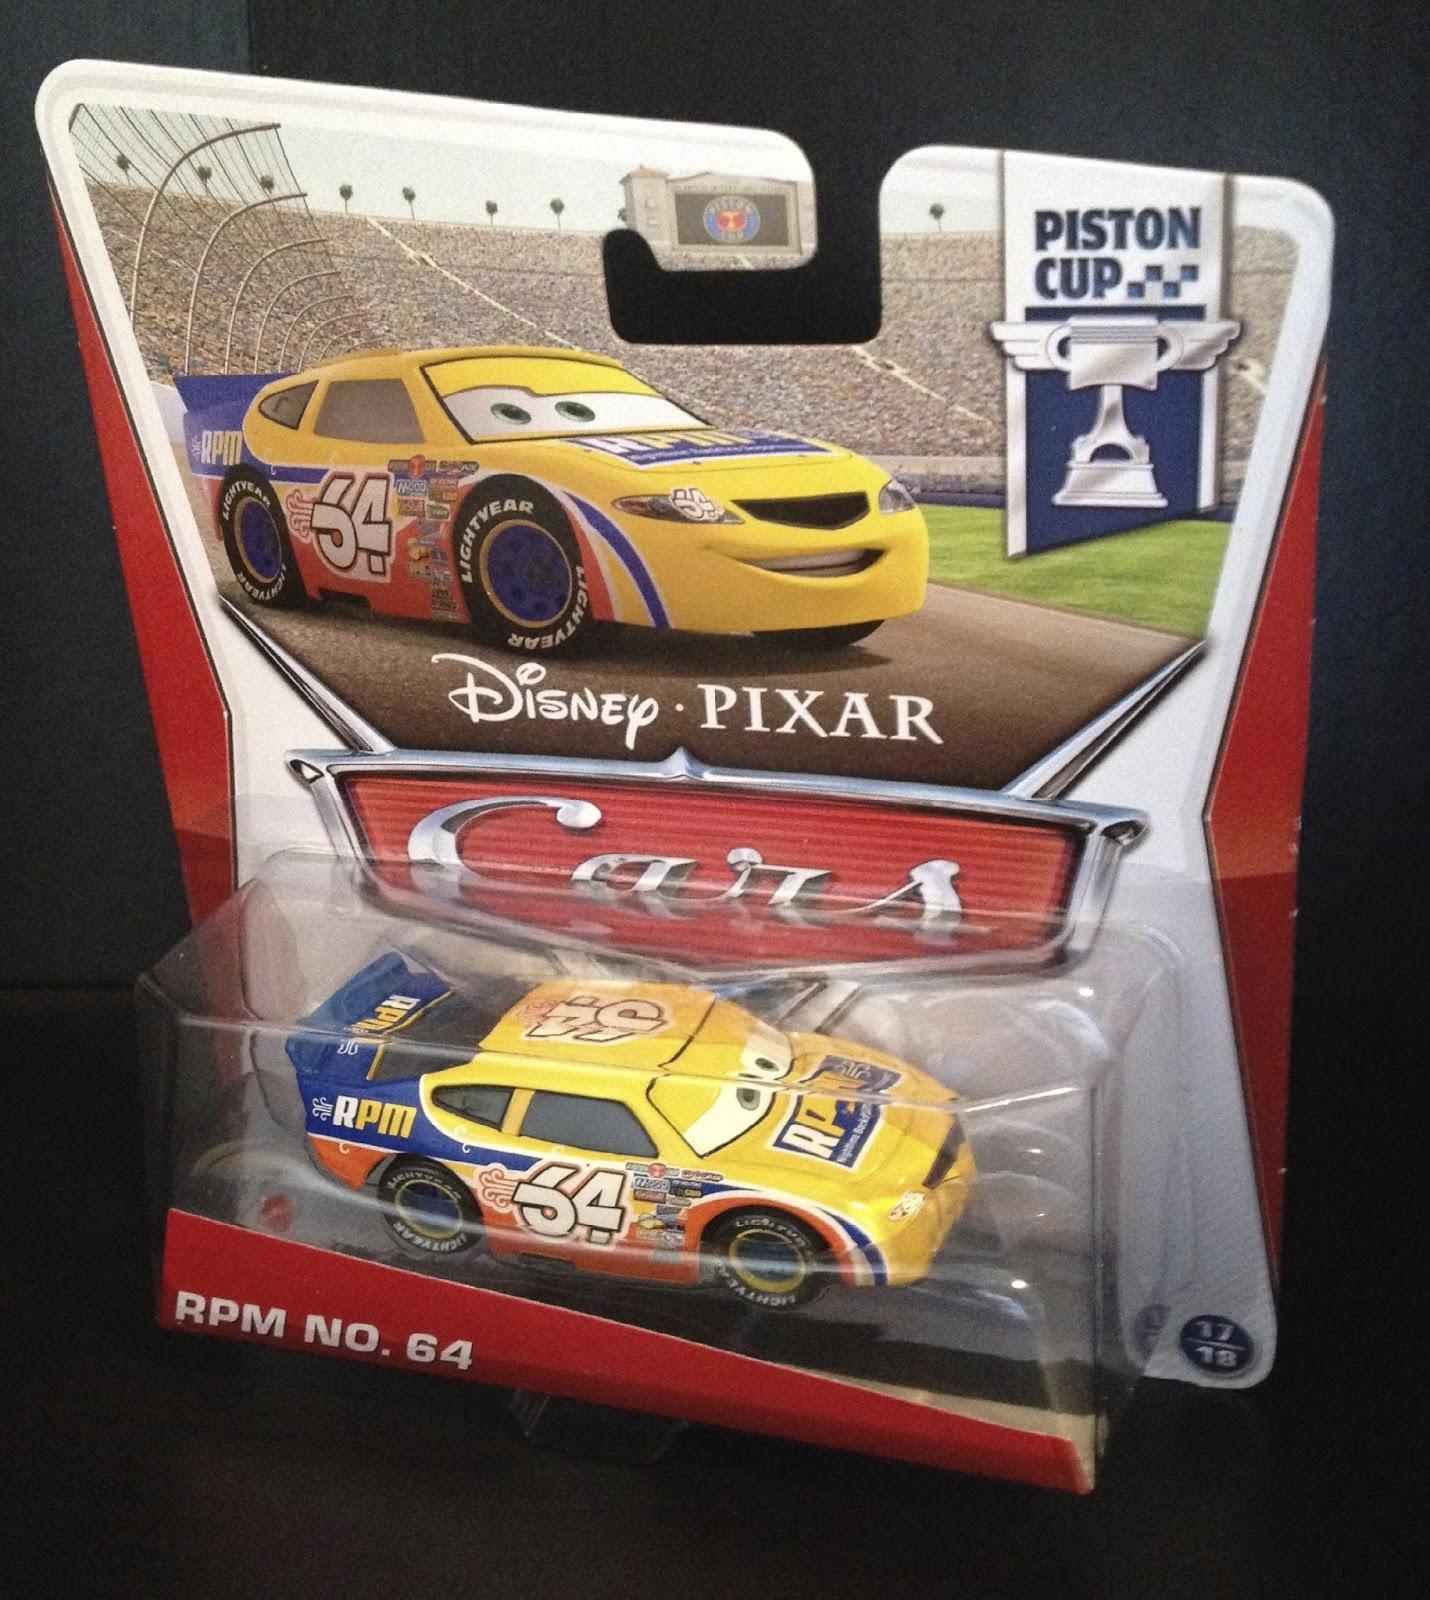 Dan the Pixar Fan: Cars: Winford Bradford Rutherford (RPM)